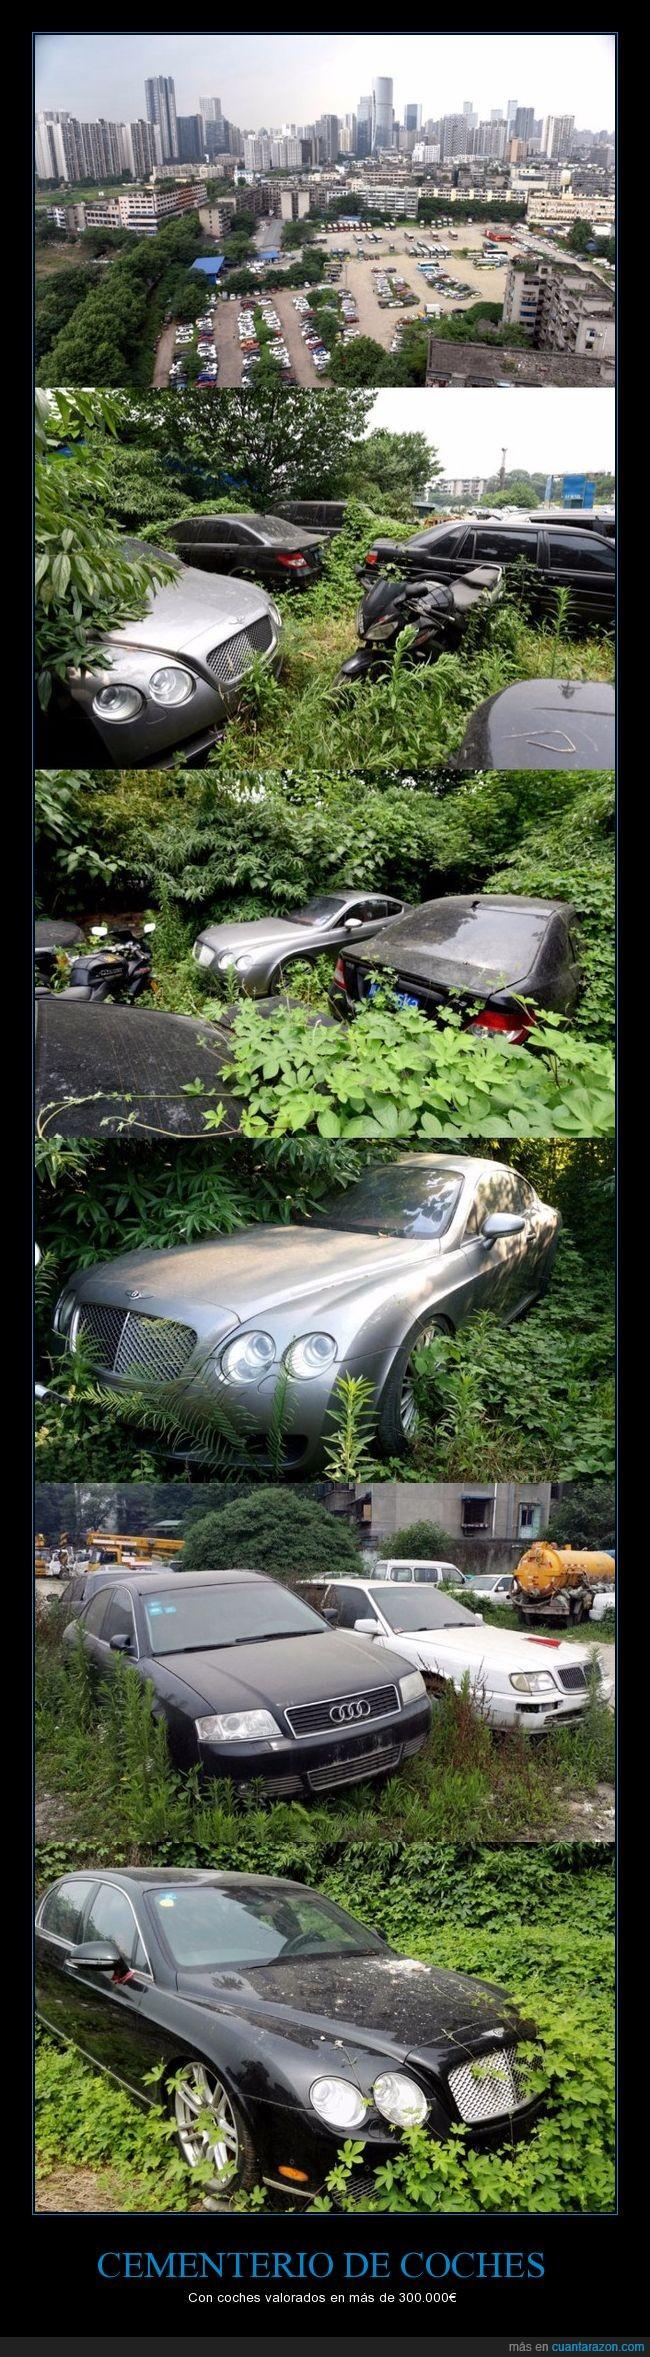 abandonados,cementerio,coches